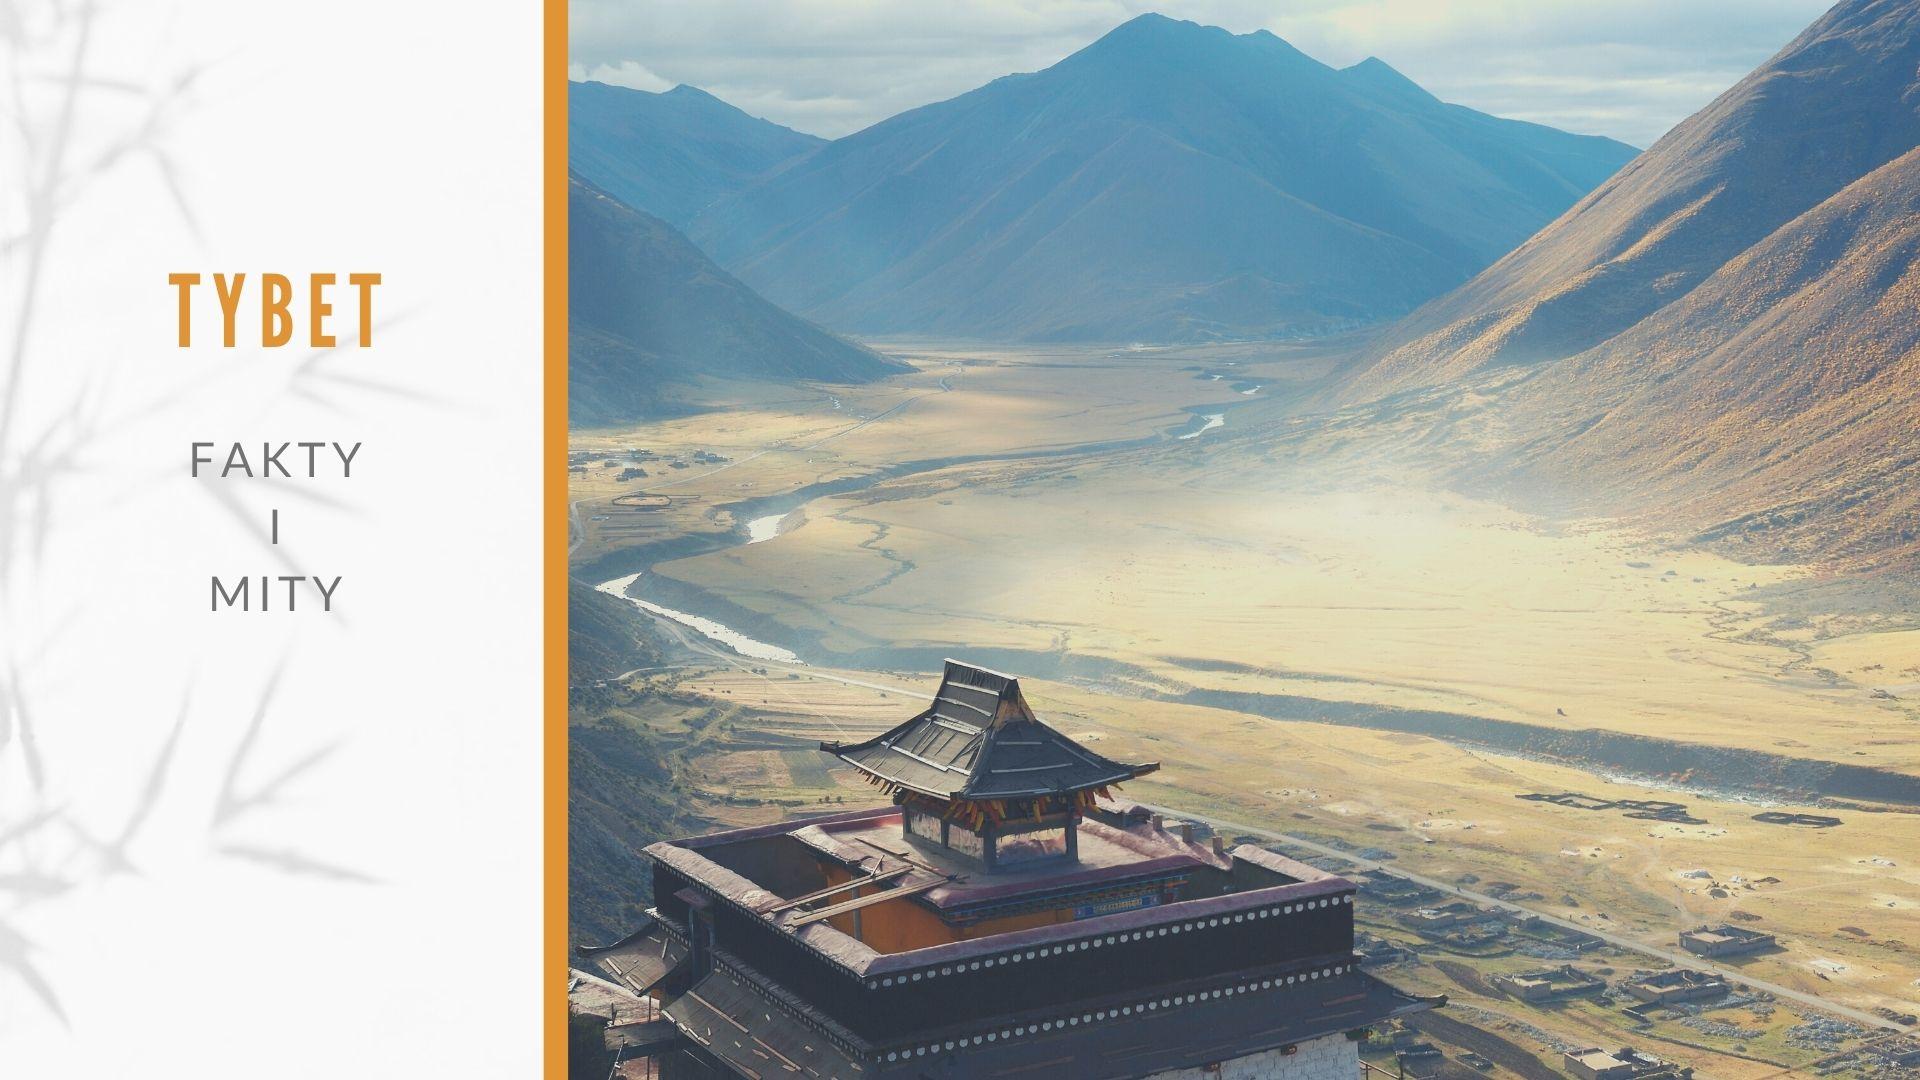 Tybet fakty i mity